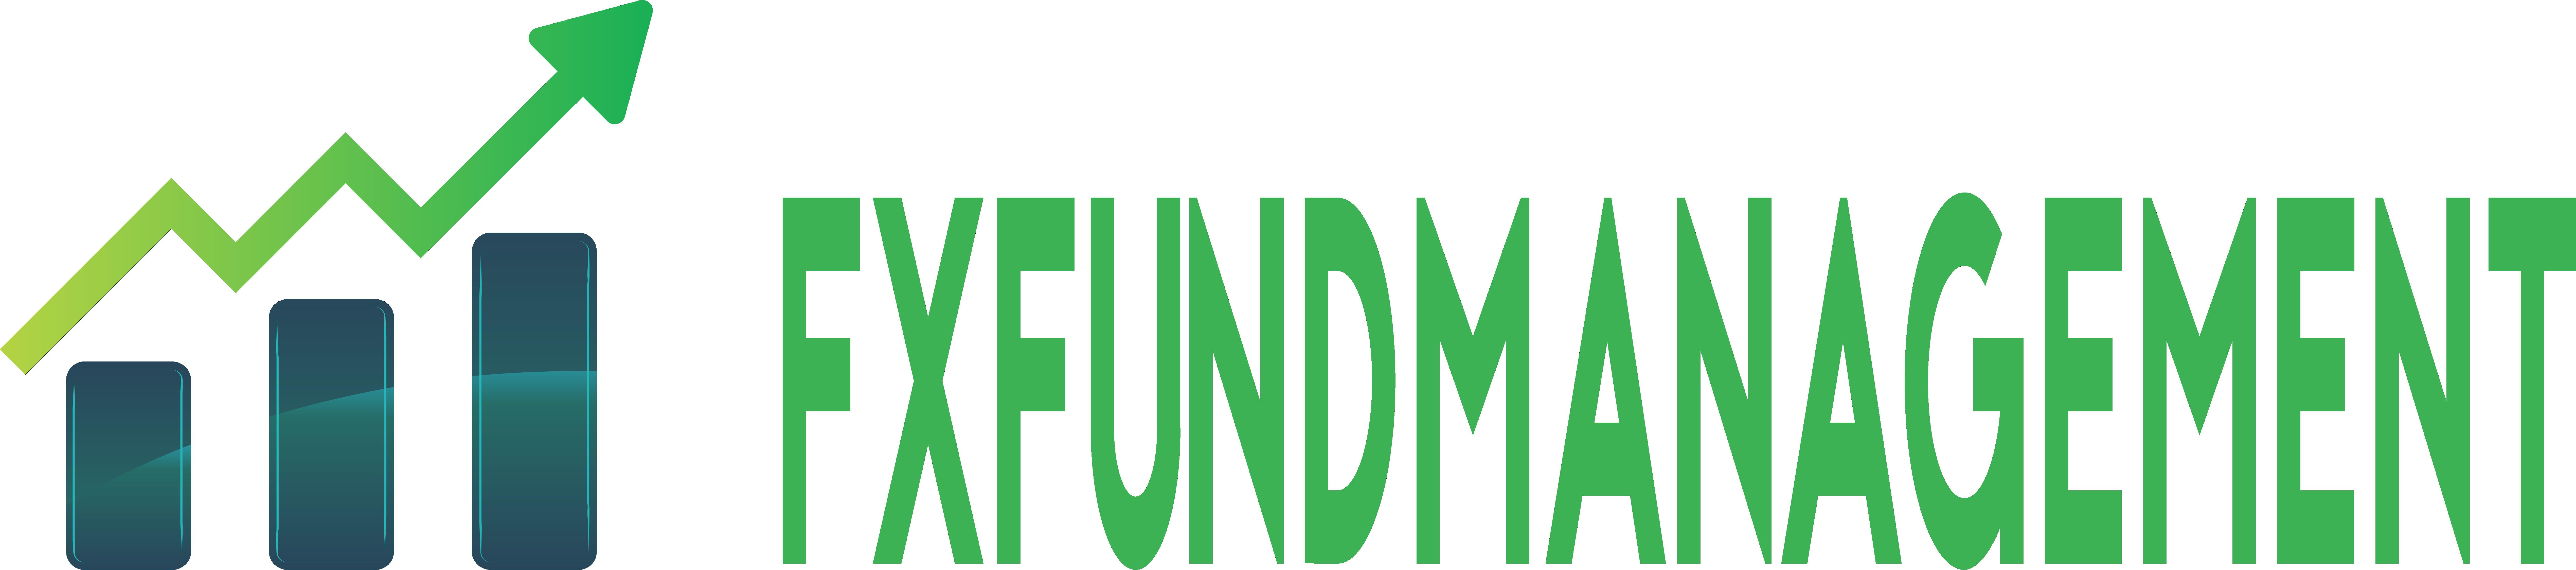 FX Fund Management